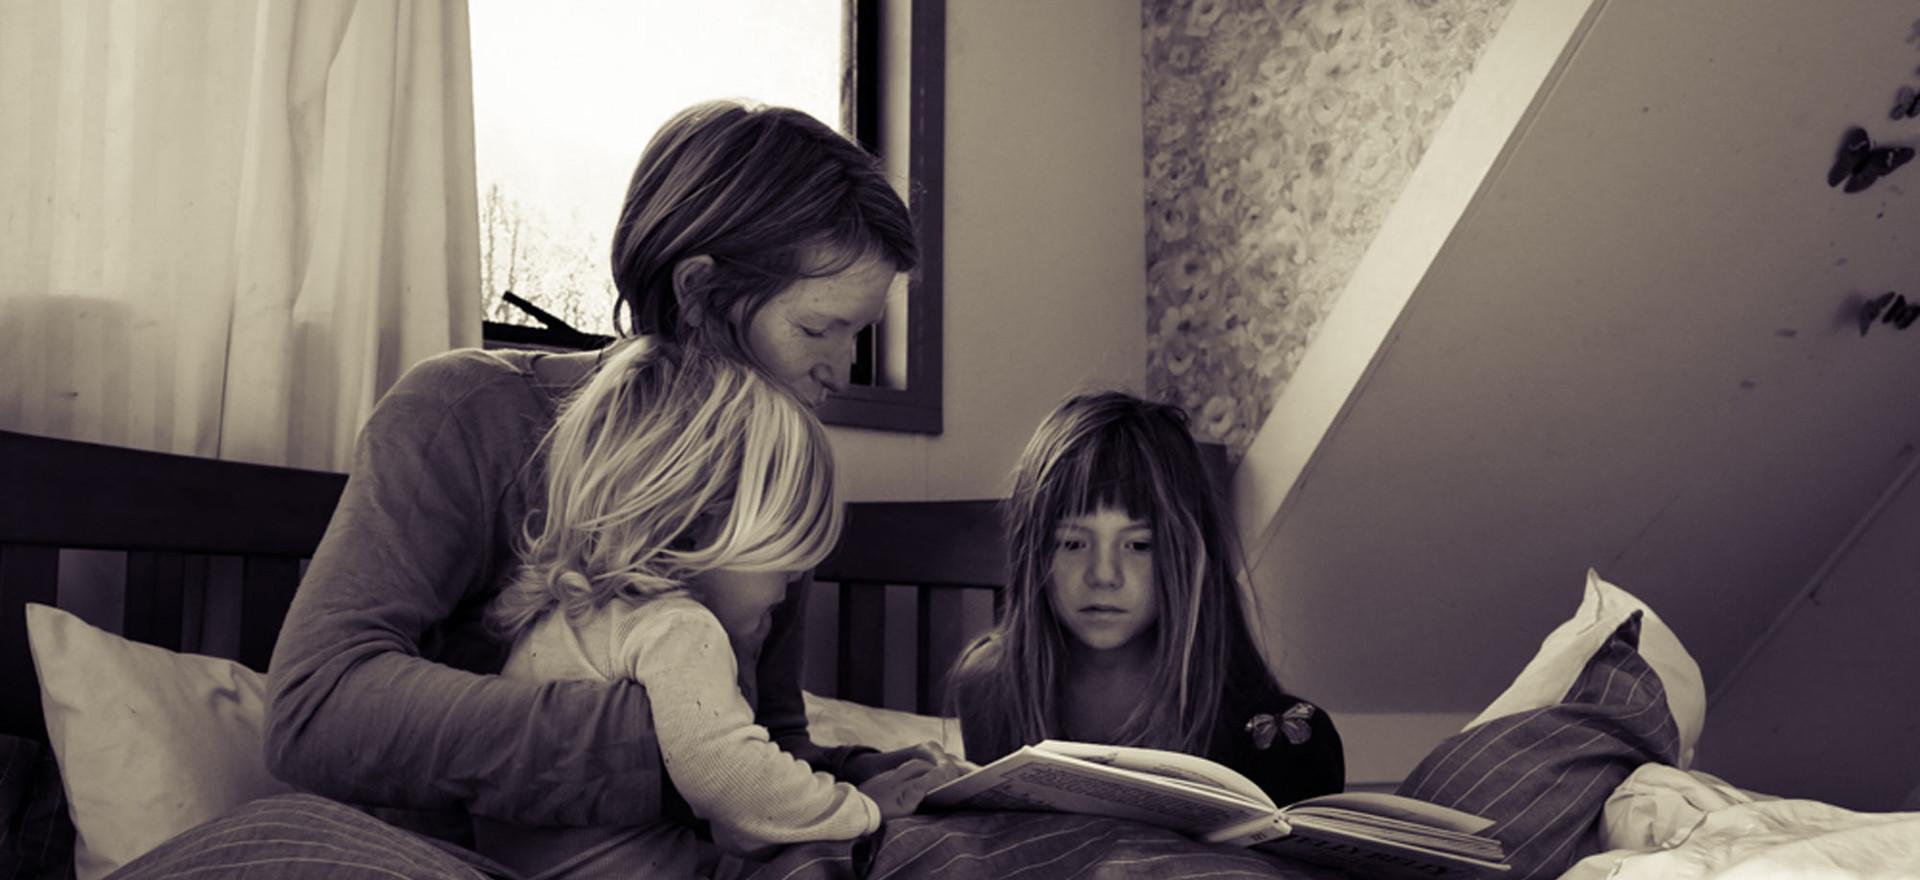 mum-reads-to-girls-in-morning-josie-grit